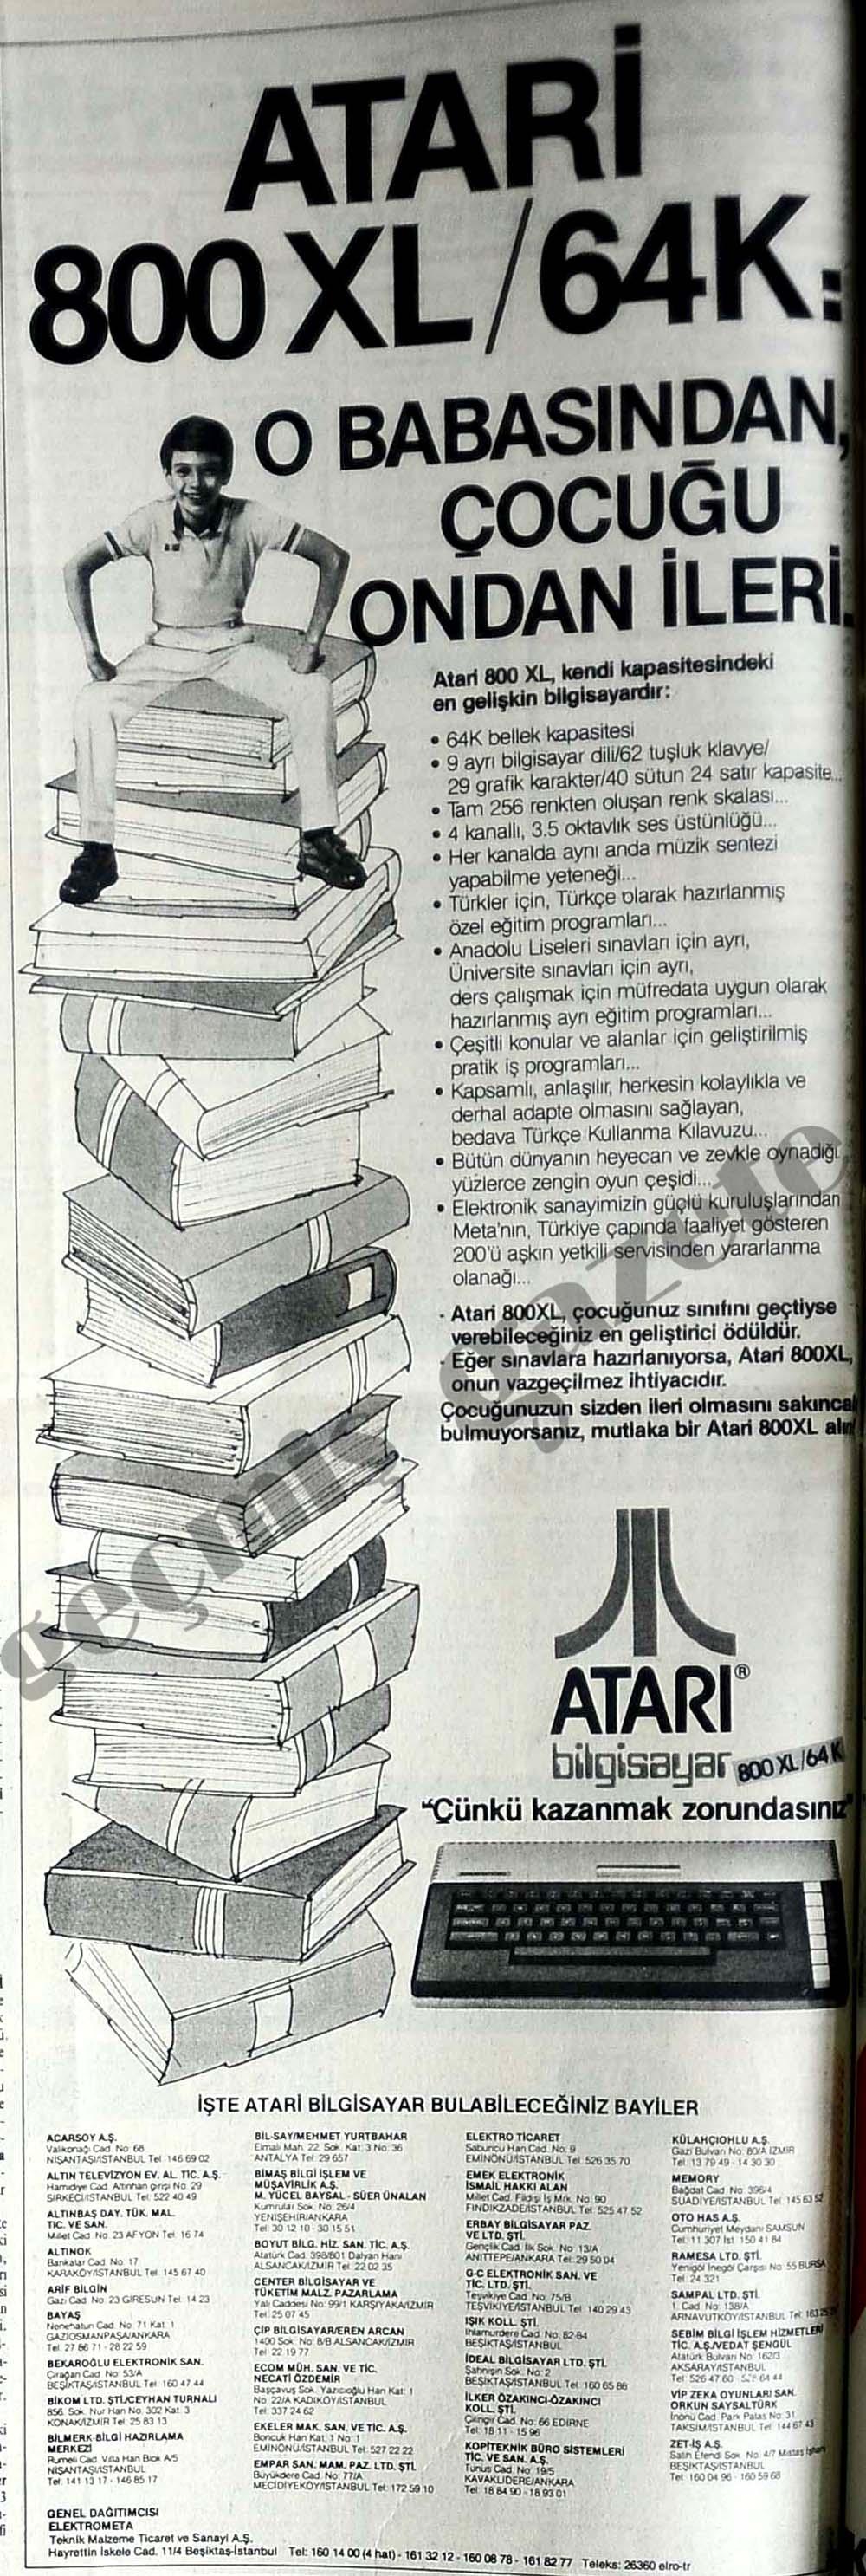 Atari 800XL/ 64 K: O babasından, çocuğu ondan ileri